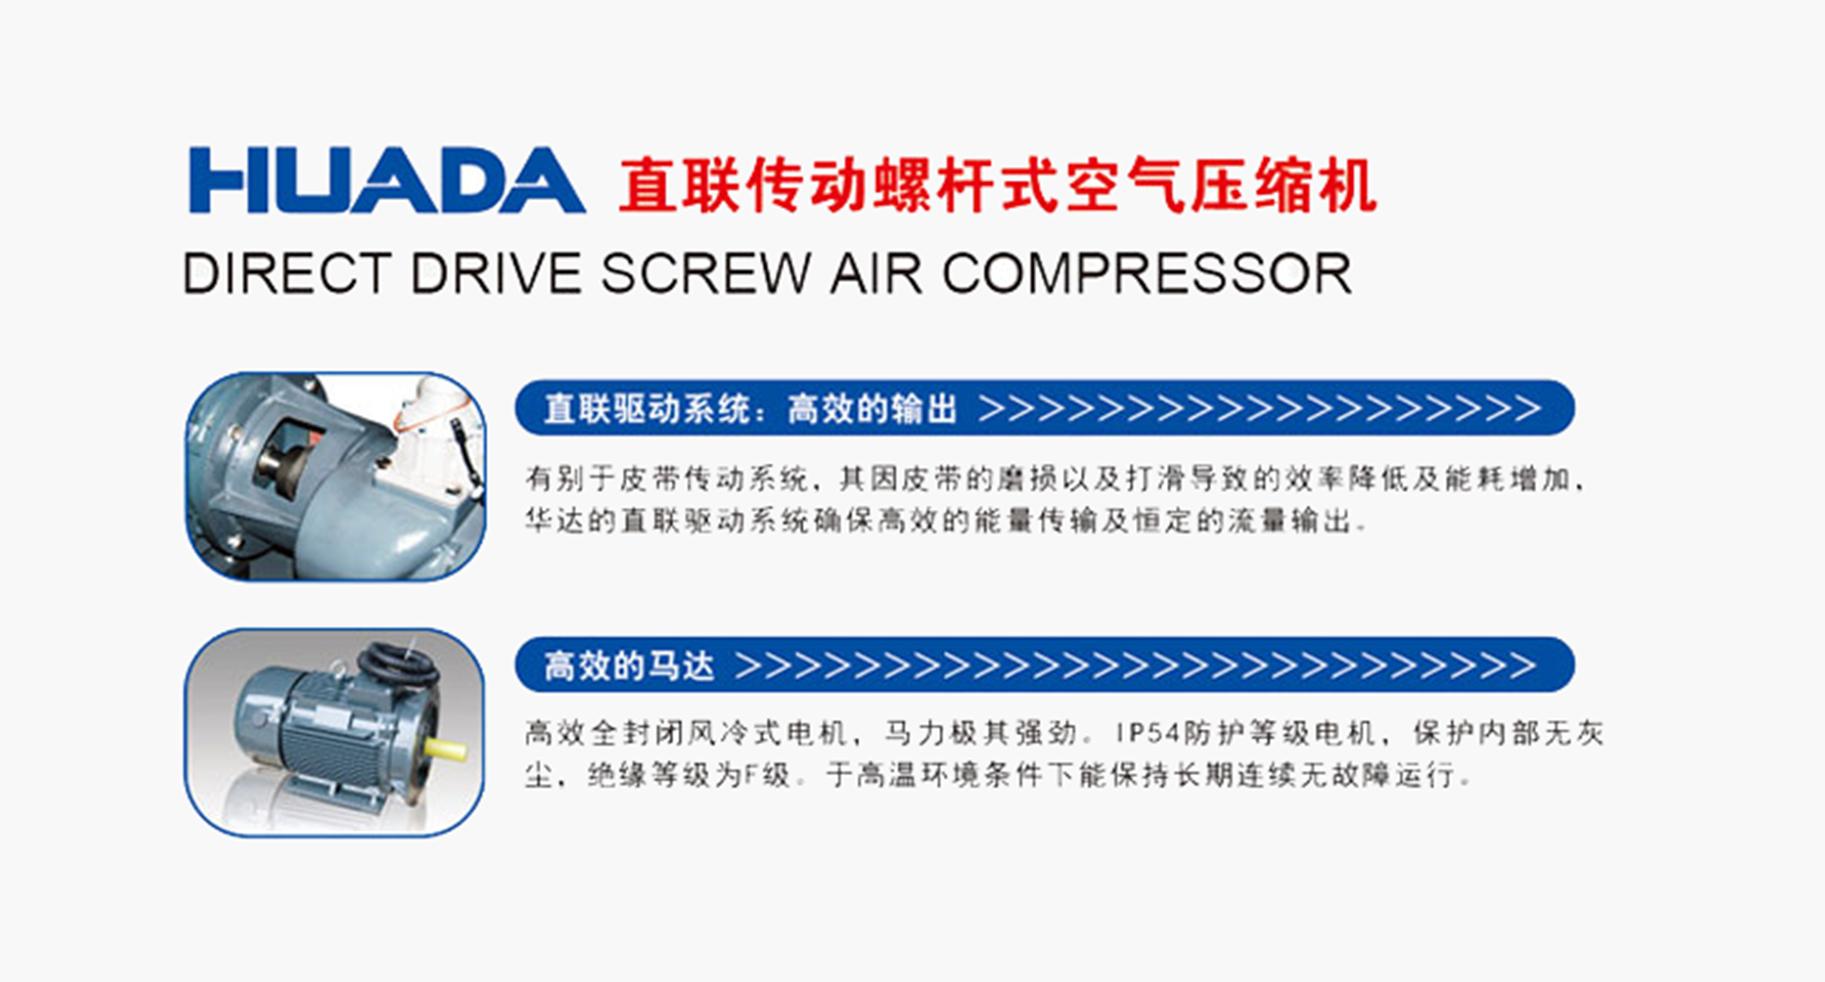 直联传动螺杆式空气压缩机